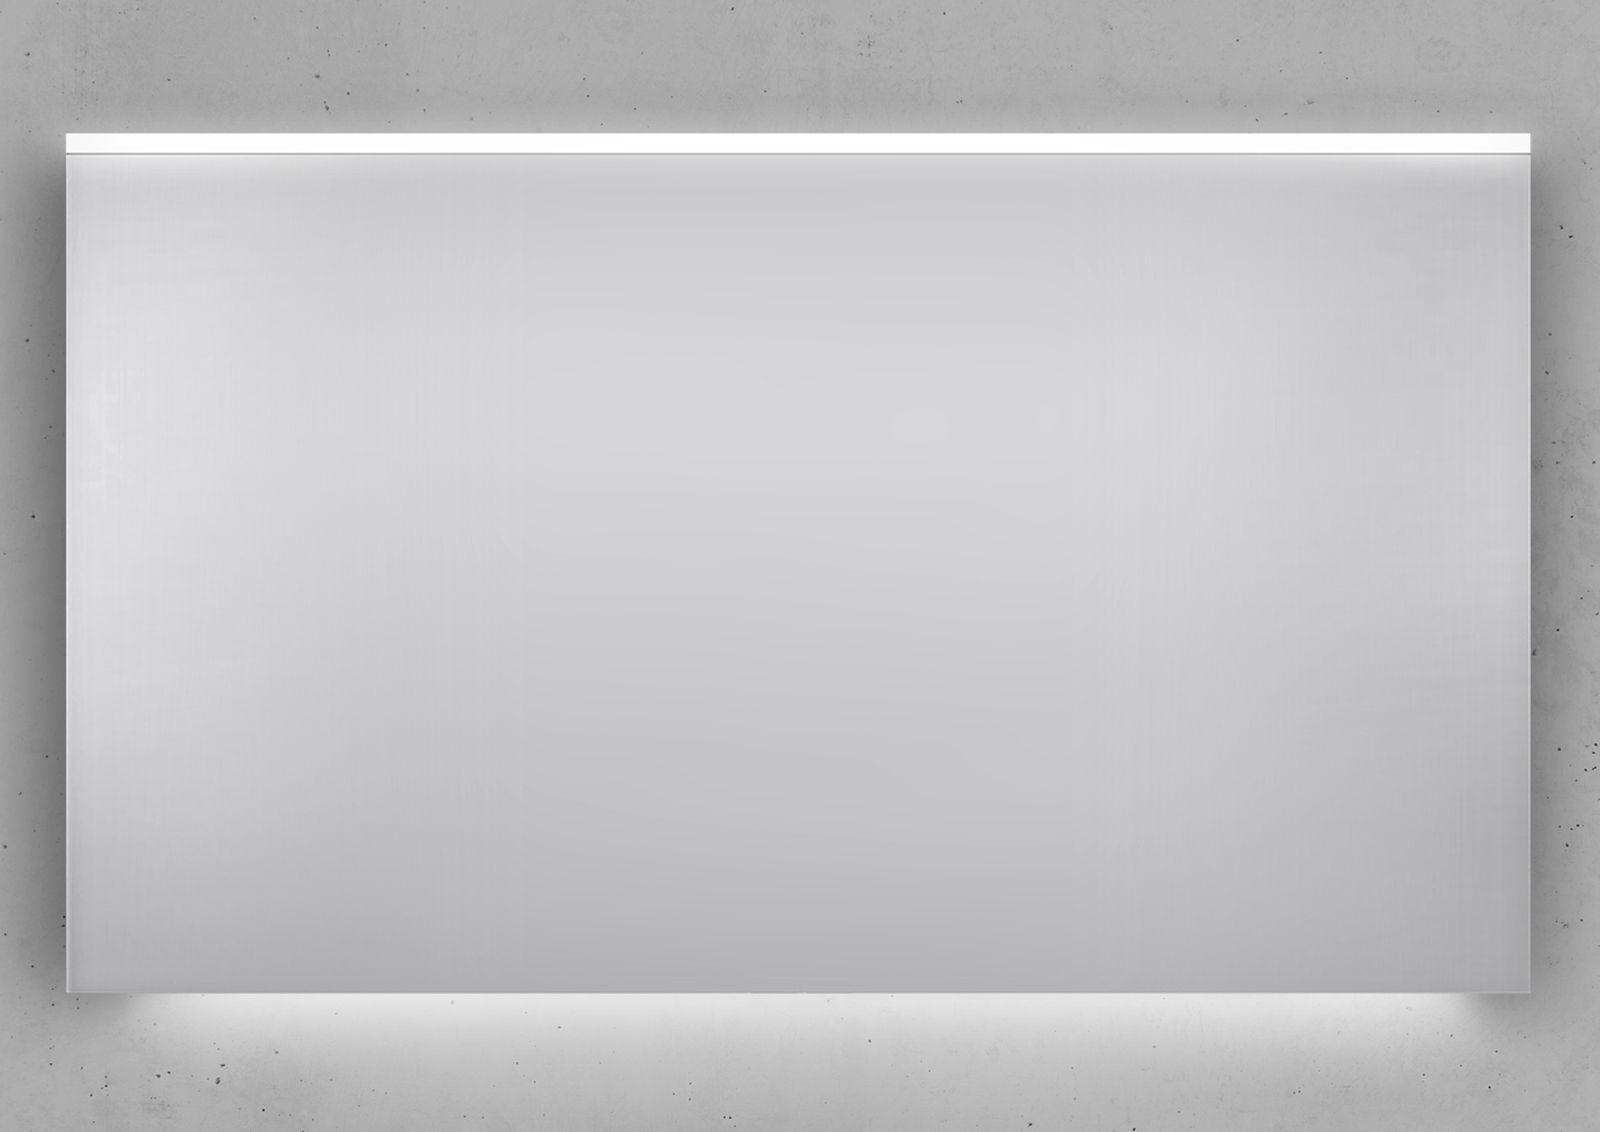 Design Spiegel Led 140x70cm Lichtspiegel Mit Sensorschalter Lichtspiegel Led Unterbauleuchte Led Aufbauleuchte